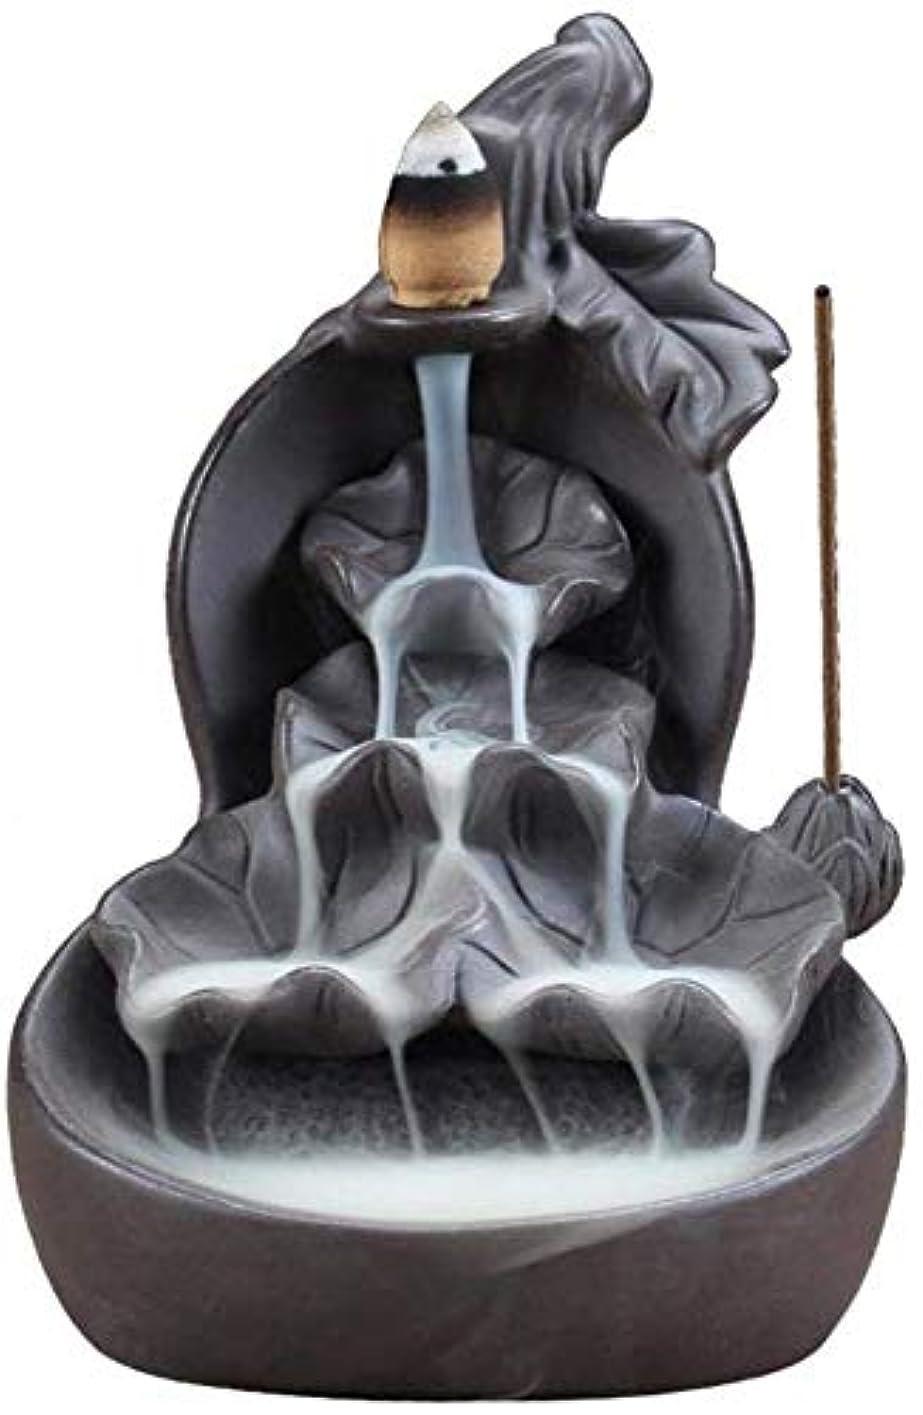 アーティキュレーション突然しなやかなロータス香スティックホルダー付き逆流香バーナーセラミックマウンテン滝香コーンバーナー,A